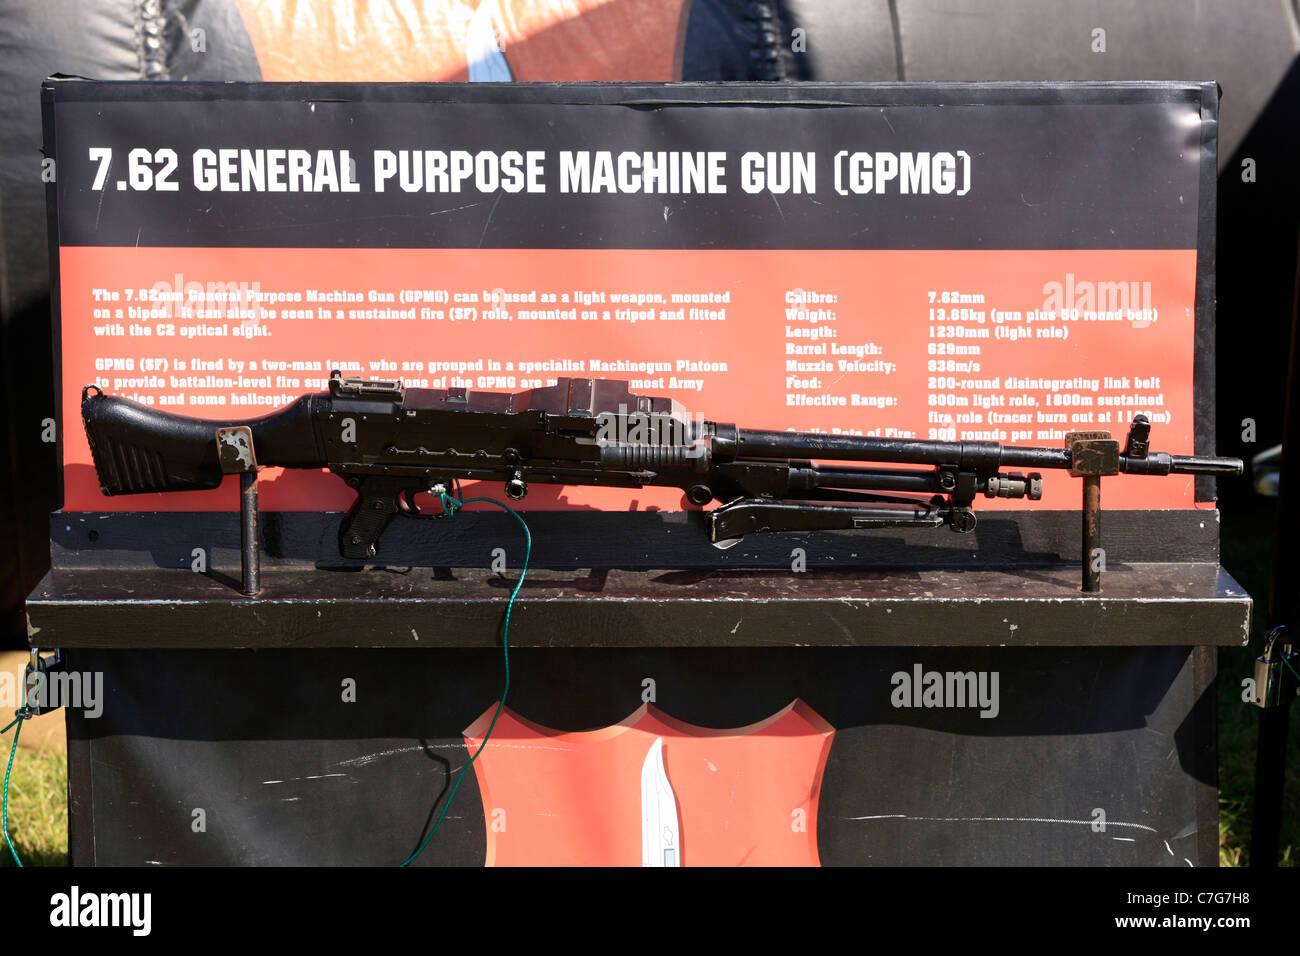 British Army General Purpose Machine Gun - Stock Image